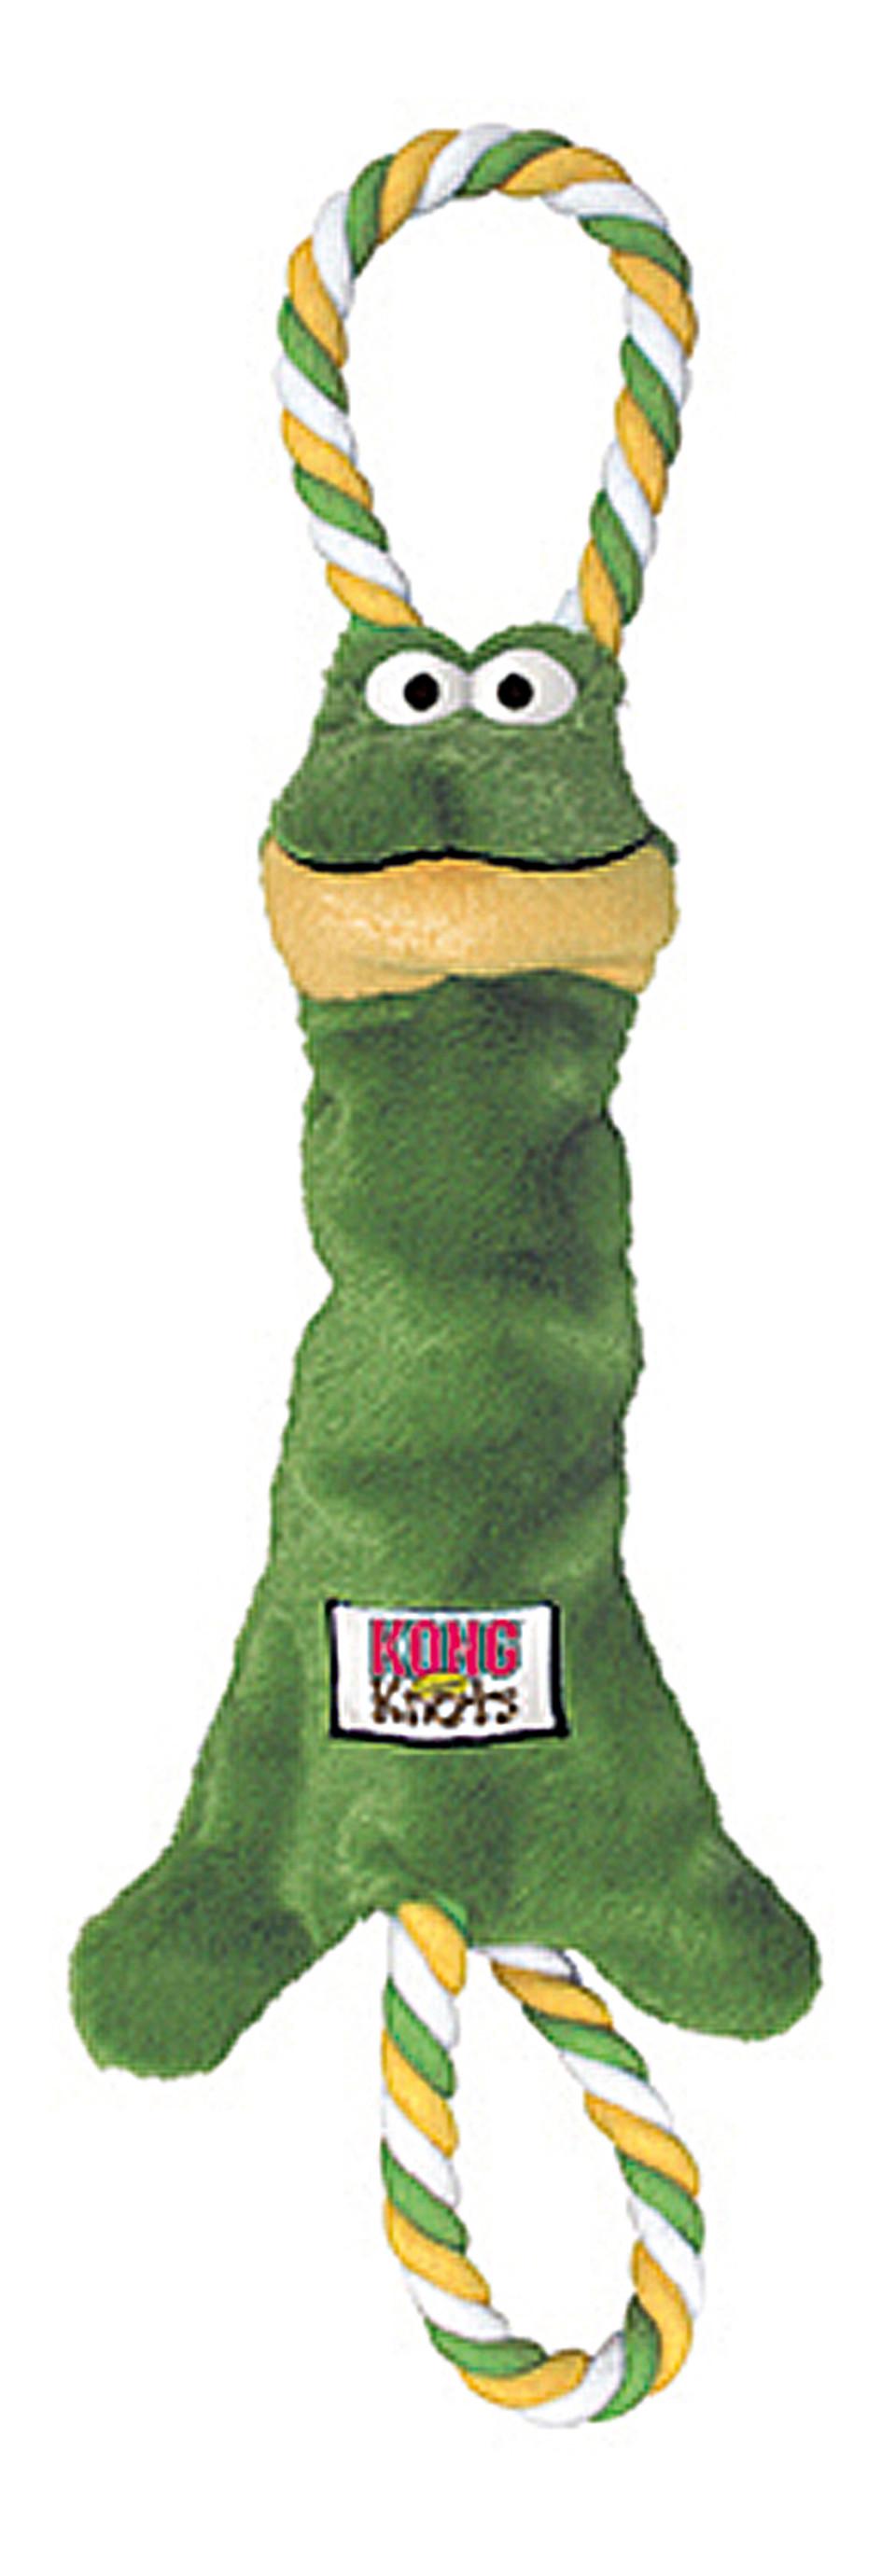 jouet chien kong knots grenouille